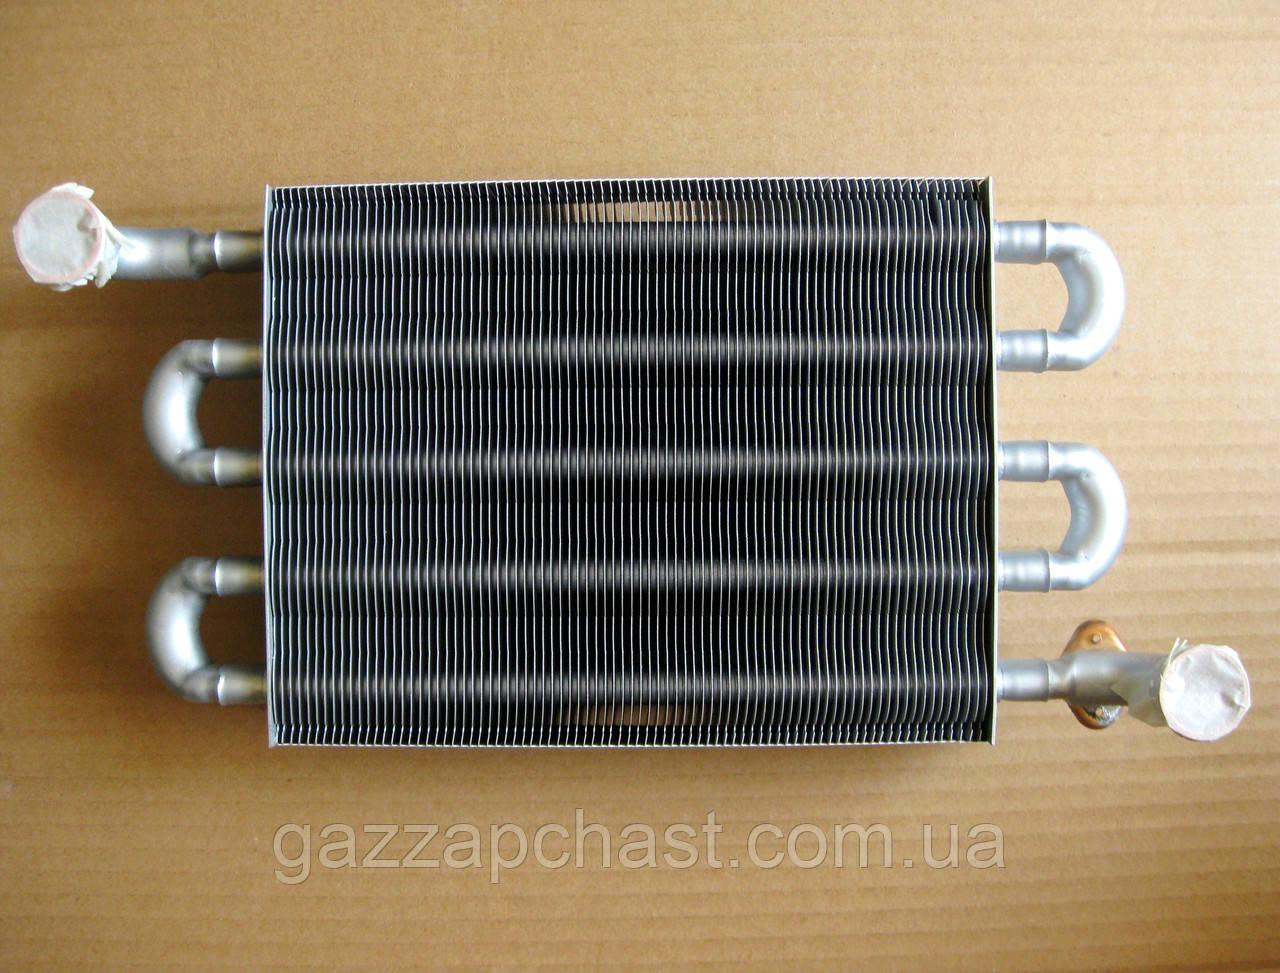 Теплообменник оригинальный Westen Pulsar D 24 F, Baxi Eco Home, Eco 4S (5700950)